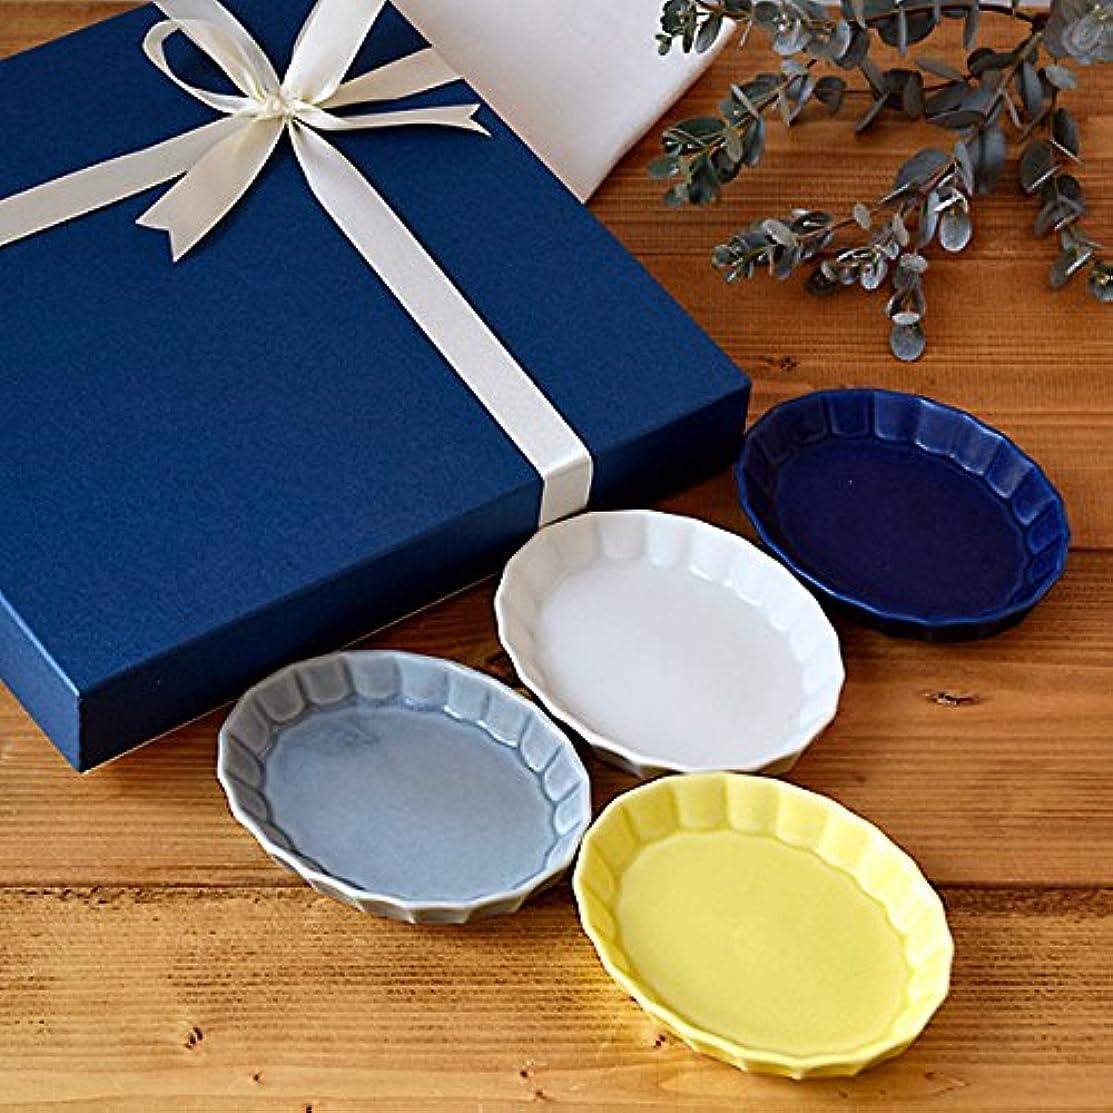 観察位置する害テーブルウェアイースト 内祝い食器ギフト 小皿4枚セット しのぎ お花のオーバルボウル(小)12cm 食器セット 小皿セット ギフト